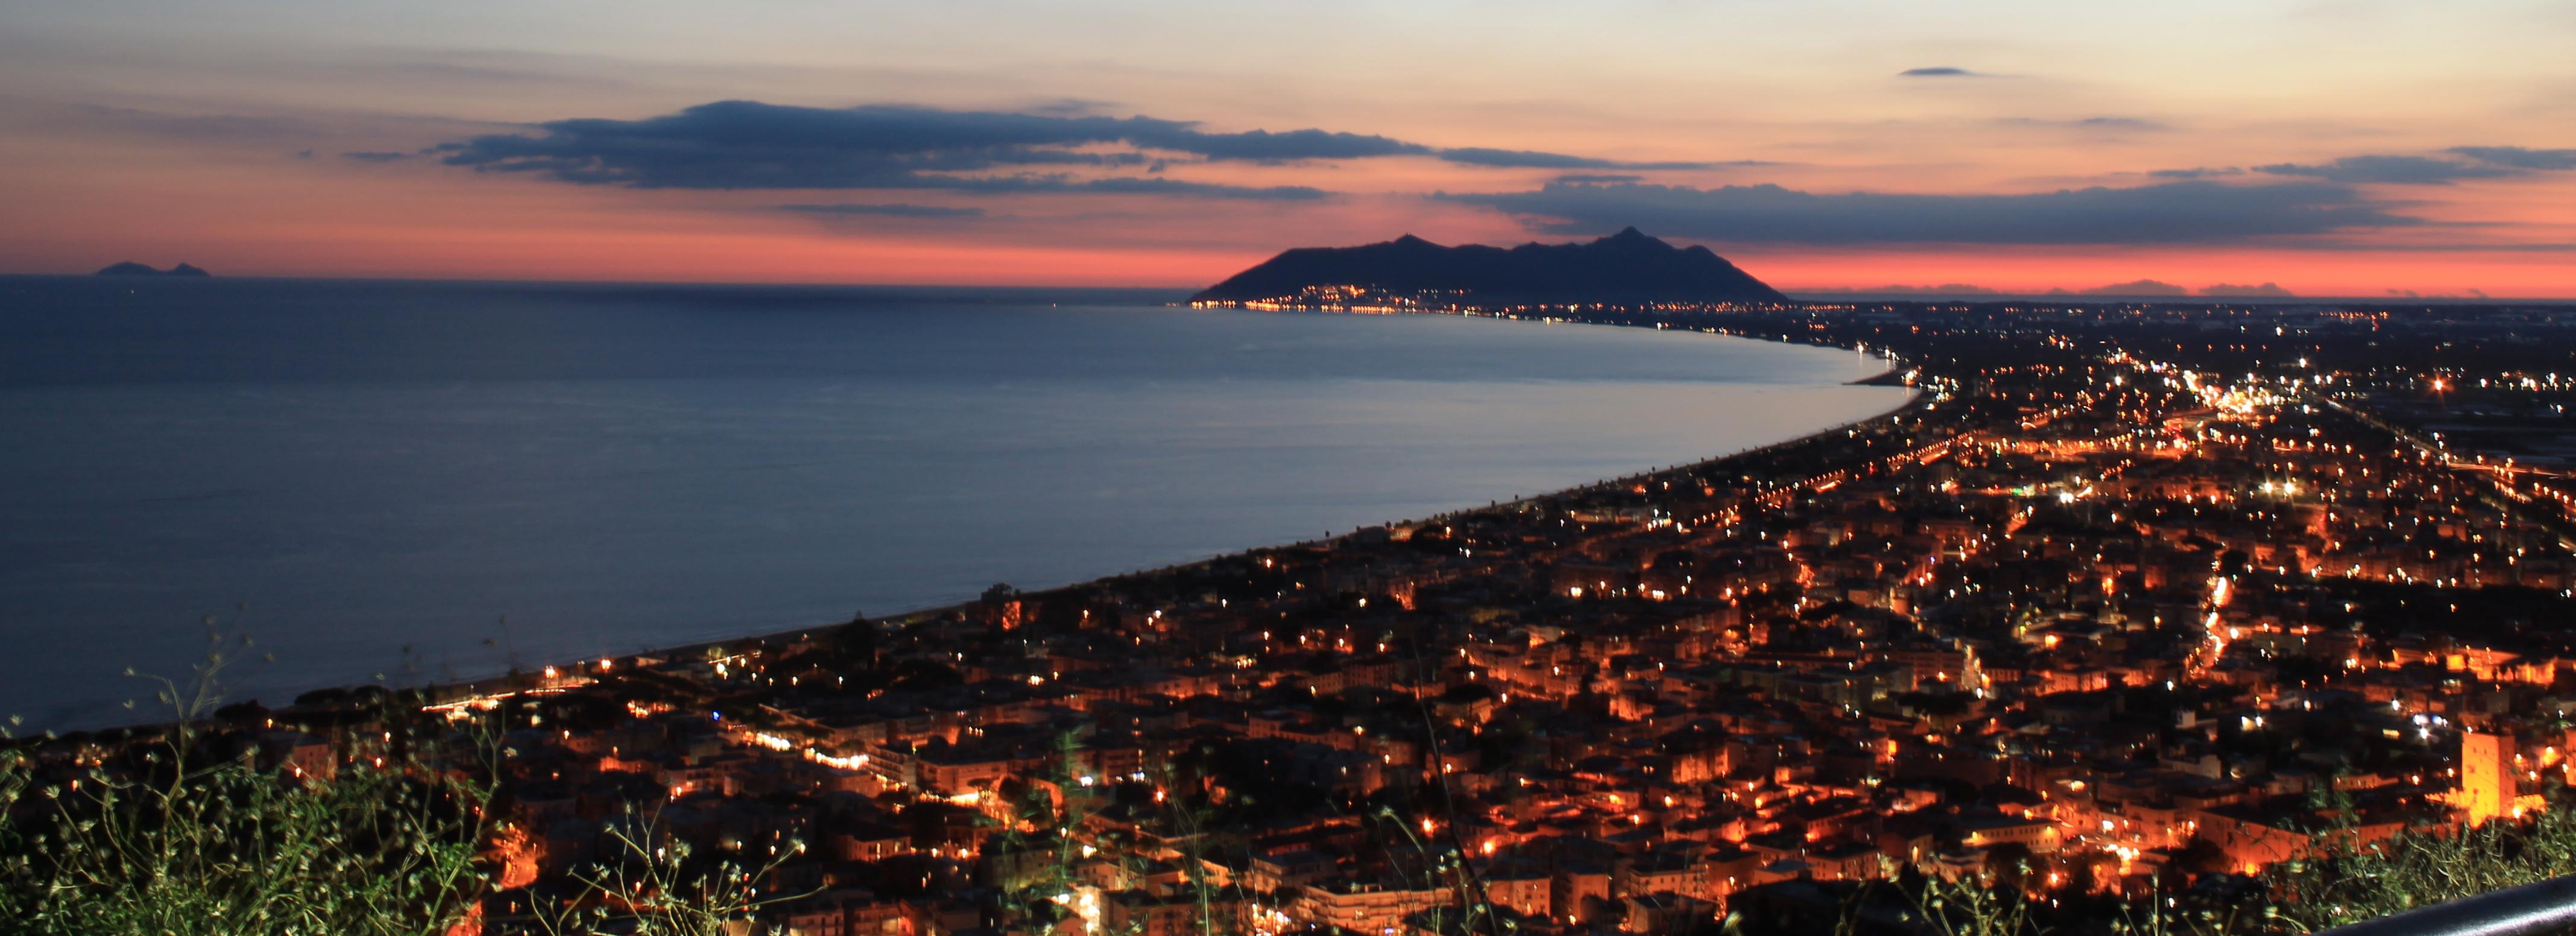 Tempio_di_Giove_-_panorama_al_tramonto